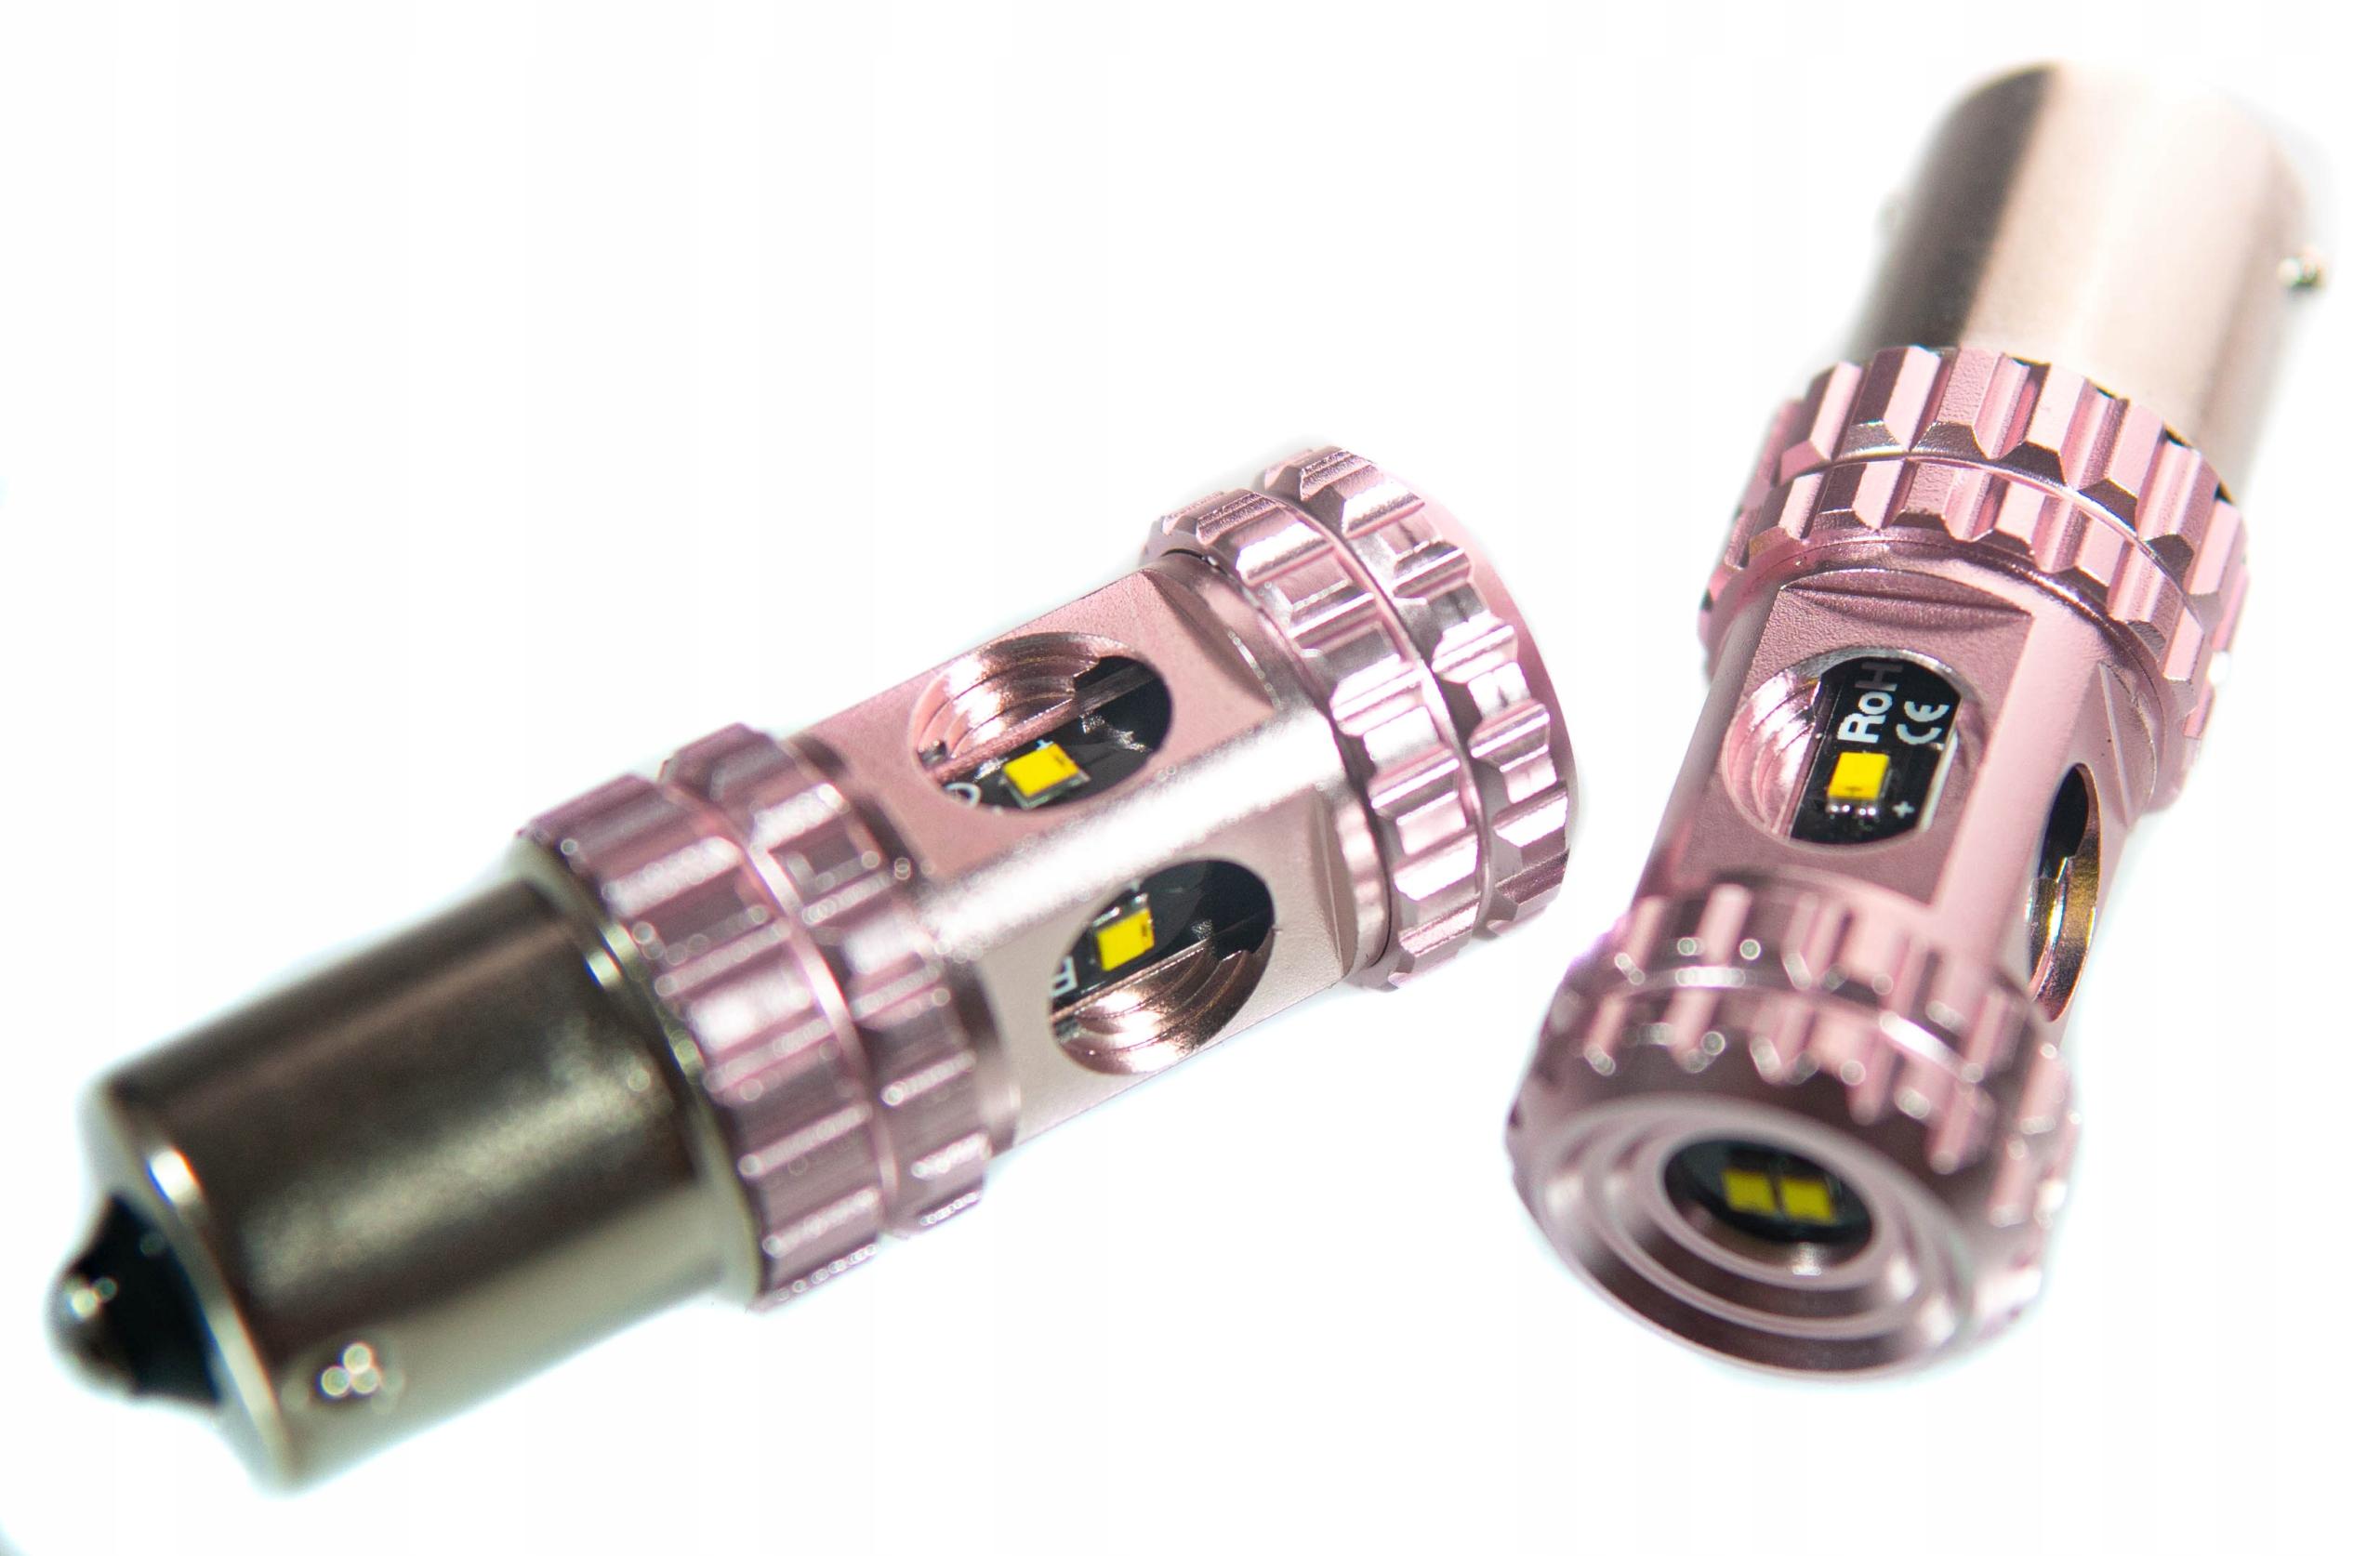 P21W 1156 LED - 6 SMD 3030 - BA15S - WSTECZNE LEDY EAN 123456789012